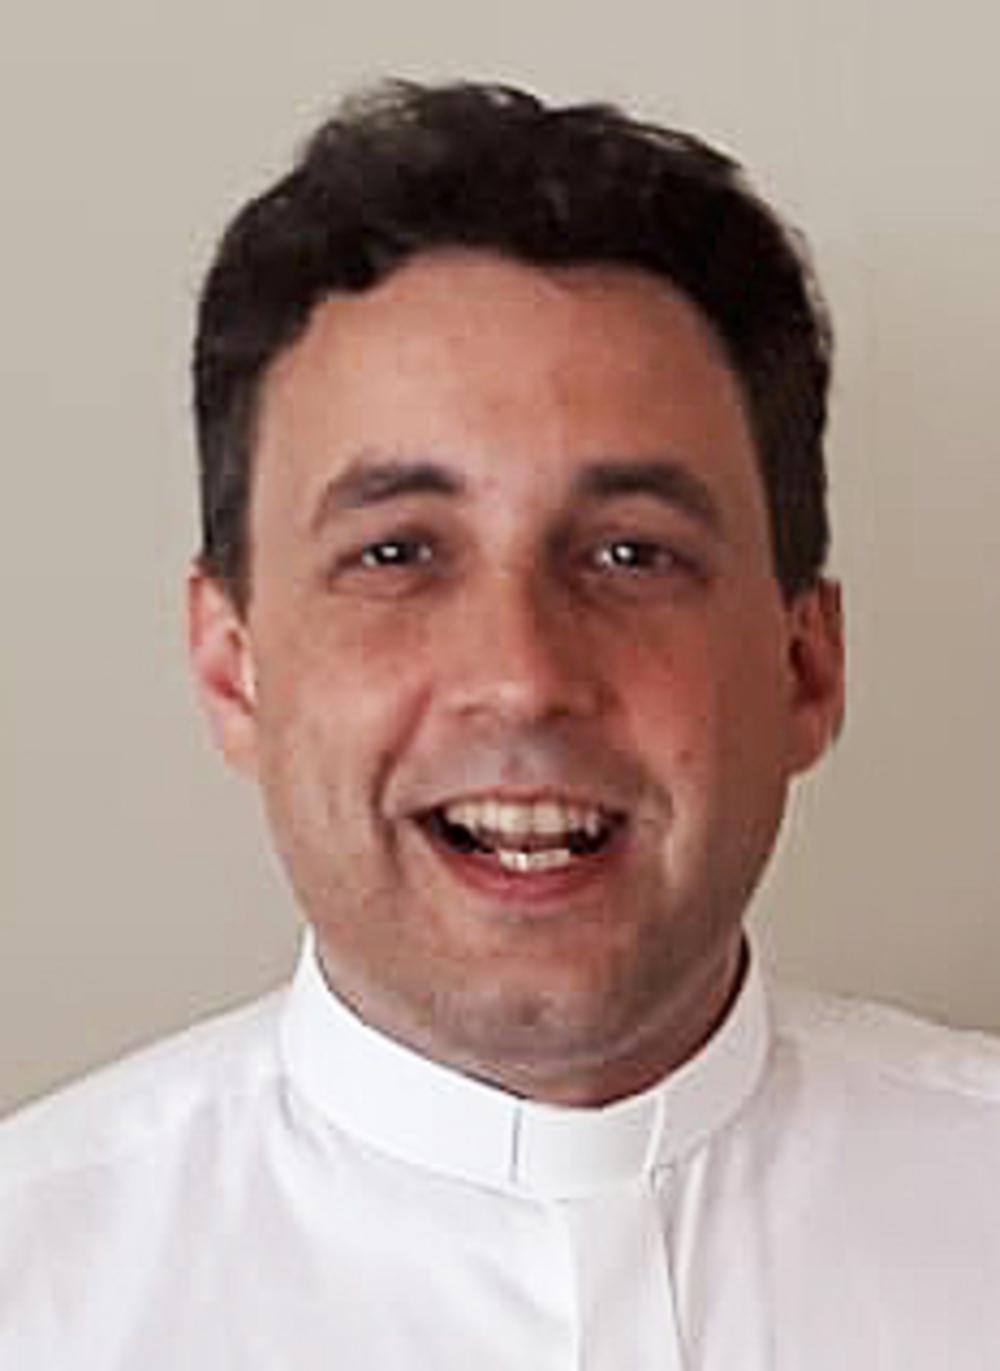 Schutzkonzept :: Wir über uns - Sannerz - Don Bosco